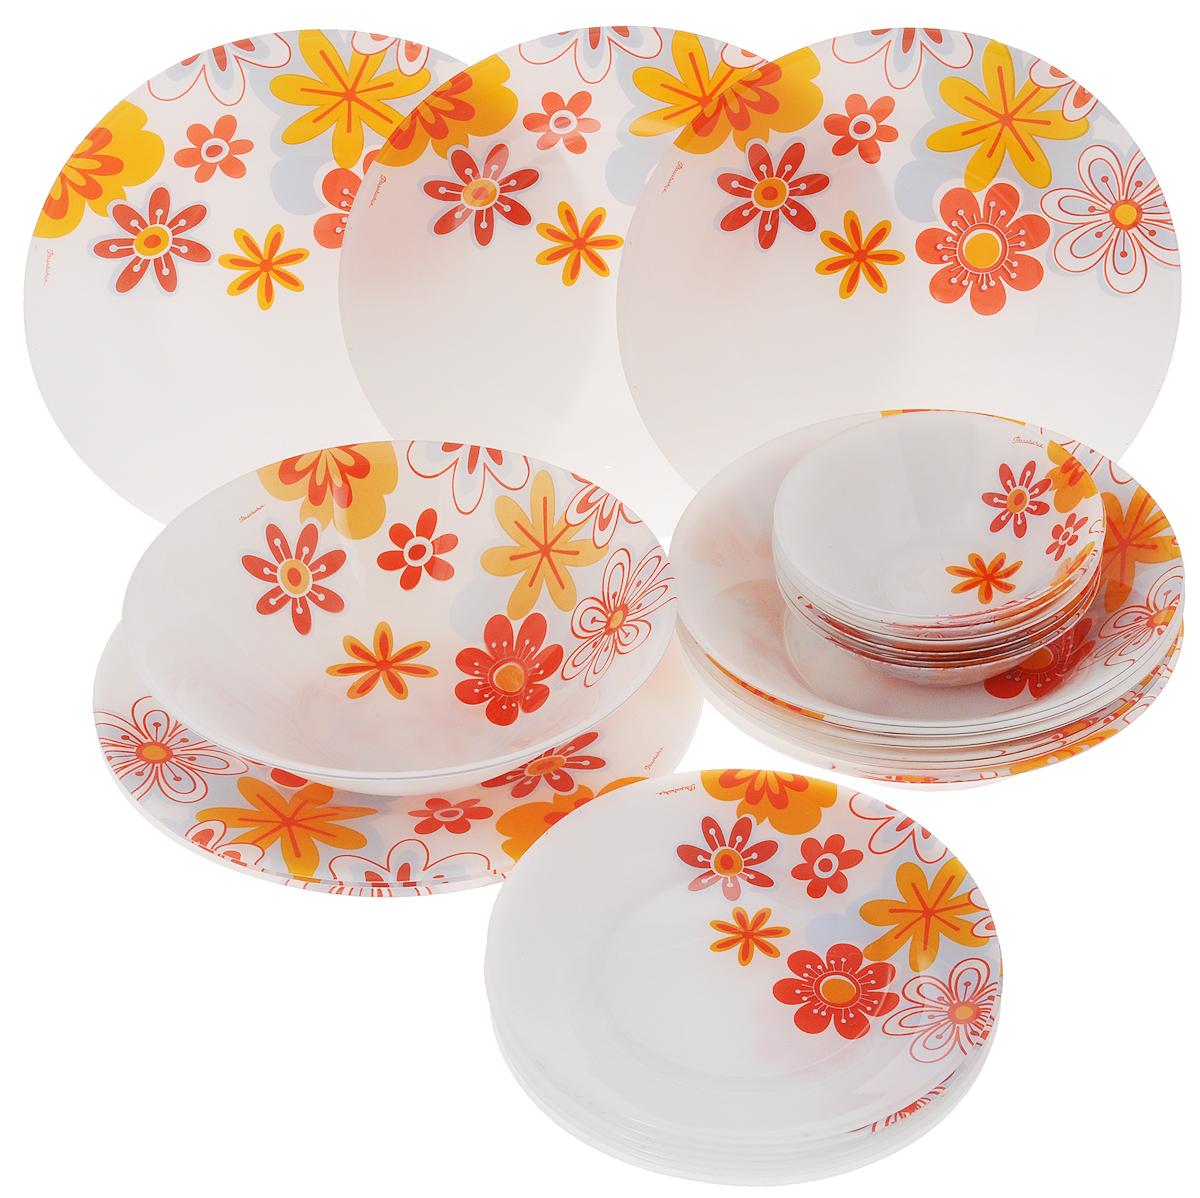 Набор столовой посуды Pasabahce Workshop Summer, 25 предметов95665BDСтоловый набор Pasabahce Workshop Summer состоит из шести суповых тарелок, шести десертных тарелок, шести обеденных тарелок и семи салатников. Предметы набора выполнены из натрий-кальций-силикатного стекла, благодаря чему посуда будет использоваться очень долго, при этом сохраняя свой внешний вид. Предметы набора имеют повышенную термостойкость. Набор создаст отличное настроение во время обеда, будет уместен на любой кухне и понравится каждой хозяйке. Красочное оформление предметов набора придает ему оригинальность и торжественность. Практичный и современный дизайн делает набор довольно простым и удобным в эксплуатации. Предметы набора можно мыть в посудомоечной машине. Диаметр суповой тарелки: 22 см. Высота стенок суповой тарелки: 5 см. Диаметр обеденной тарелки: 26 см. Высота обеденной тарелки: 2 см. Диаметр десертной тарелки: 20 см. Высота десертной тарелки: 1,5 см. Диаметр большого салатника:...